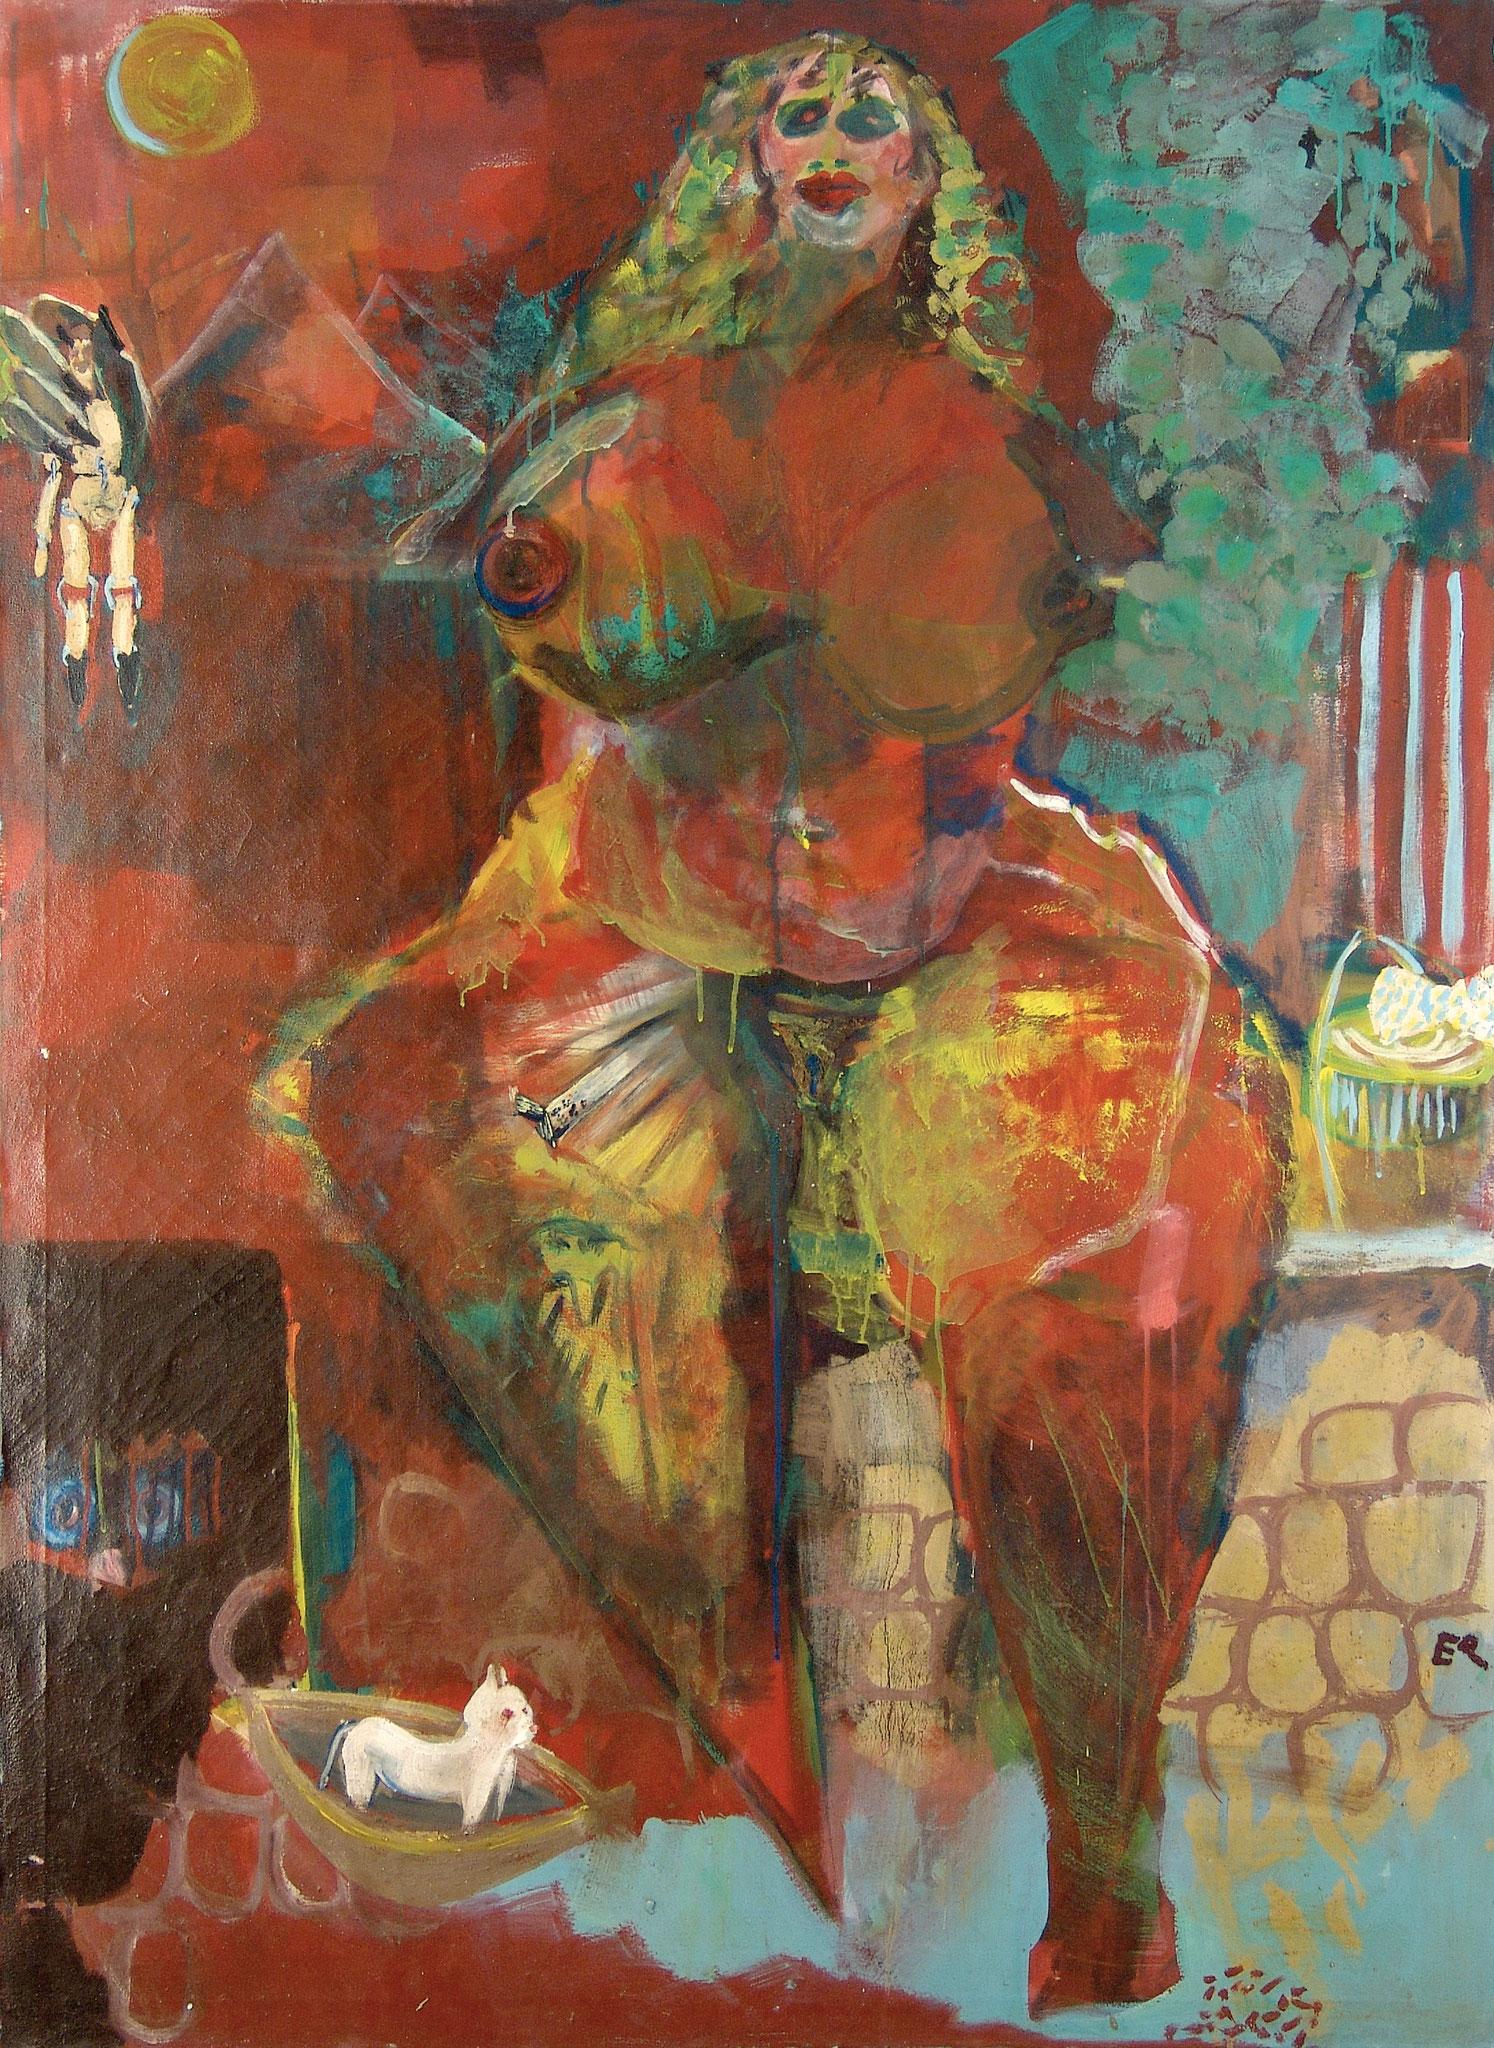 Serie Päpstinnen, Urpäpstin Eva, Malerei, 160 x 120 cm, 1990